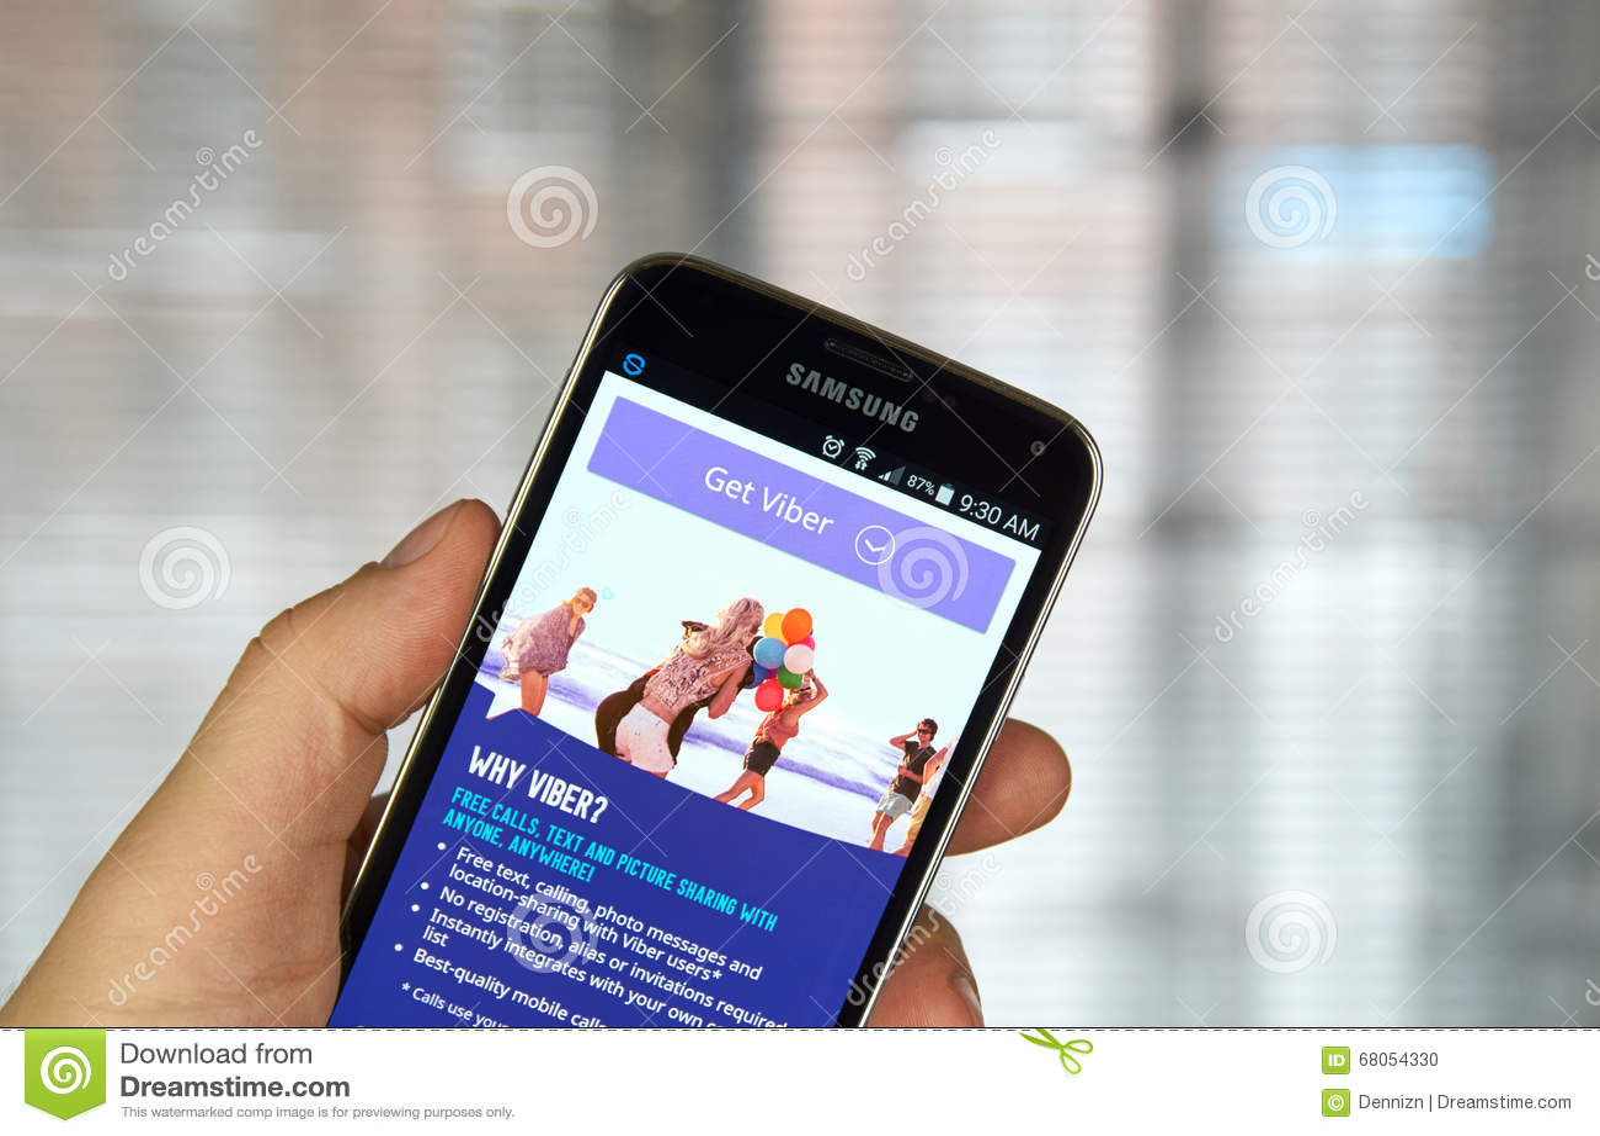 viber mobile version free download